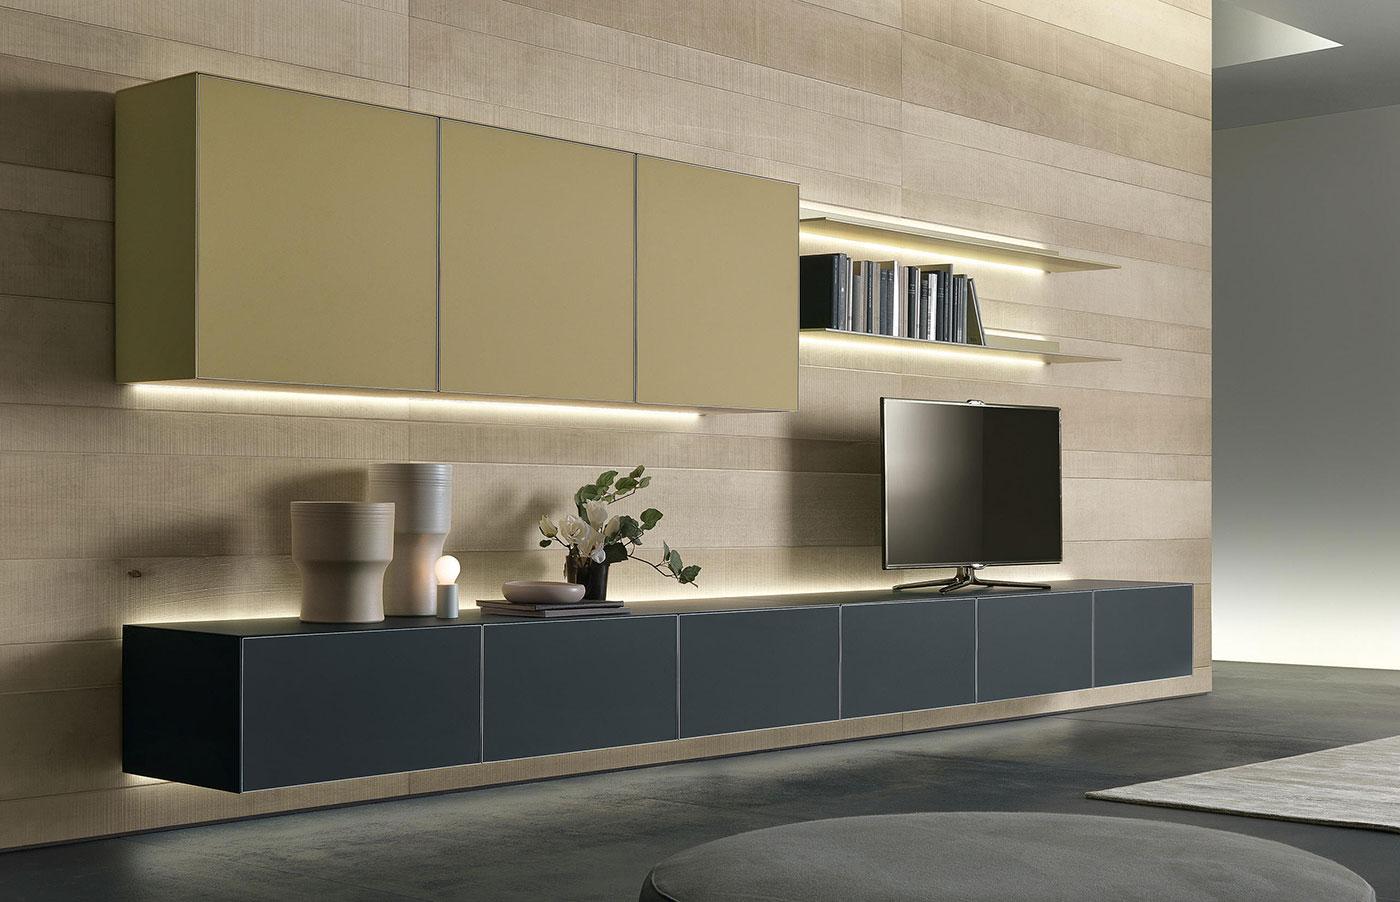 Obegi Home Wall Systems Rimadesio 2